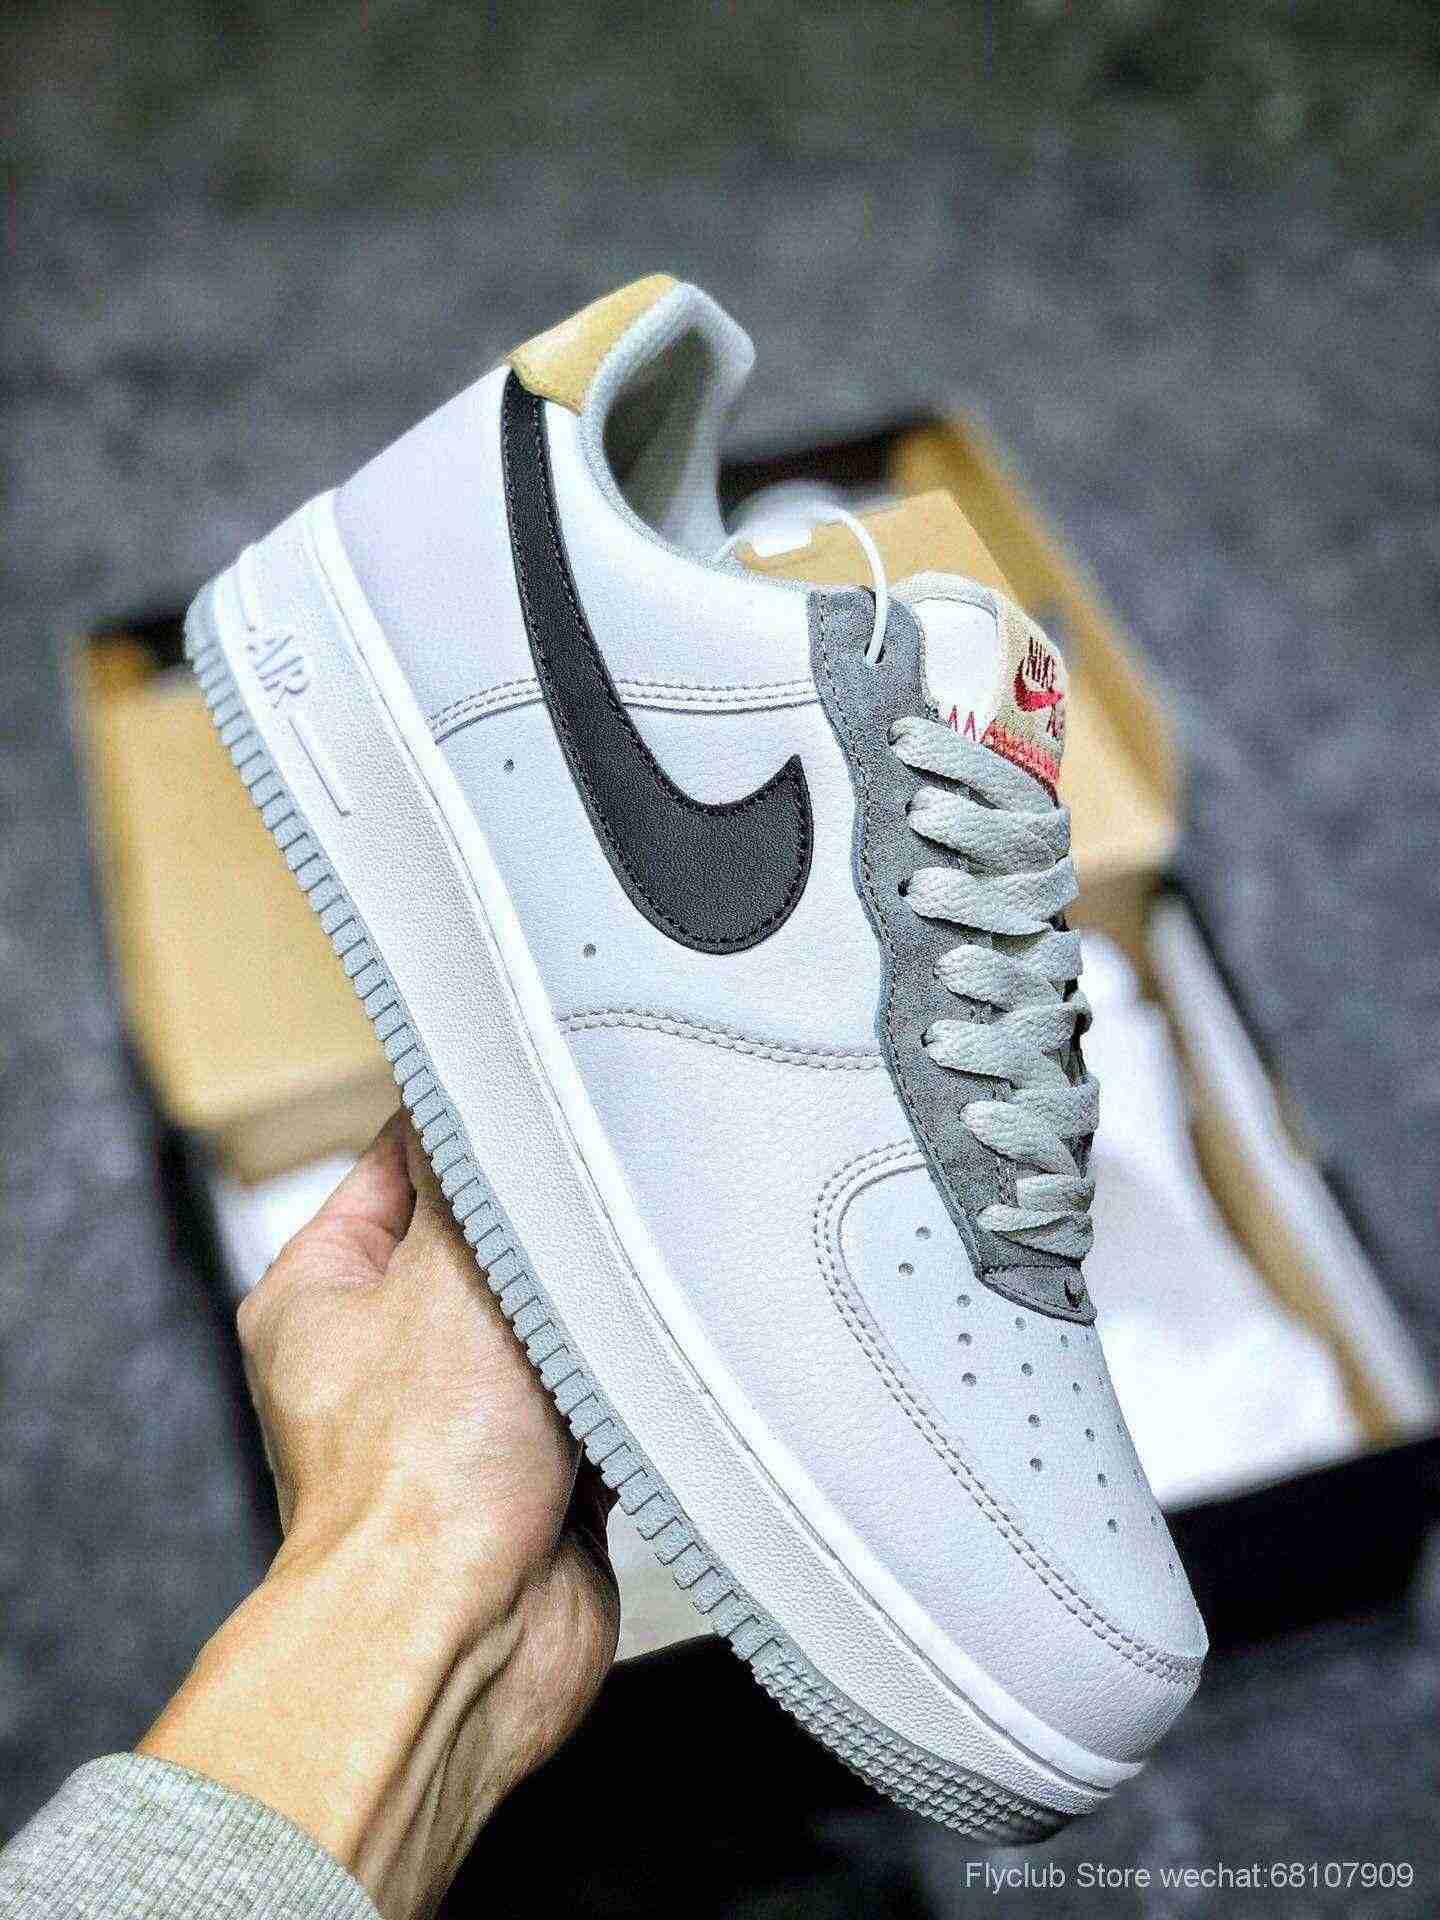 nike板鞋官网_Nike Air Force 1 Low 空军一号低帮板鞋 云母系列两色出货-【ST纯原鞋 ...